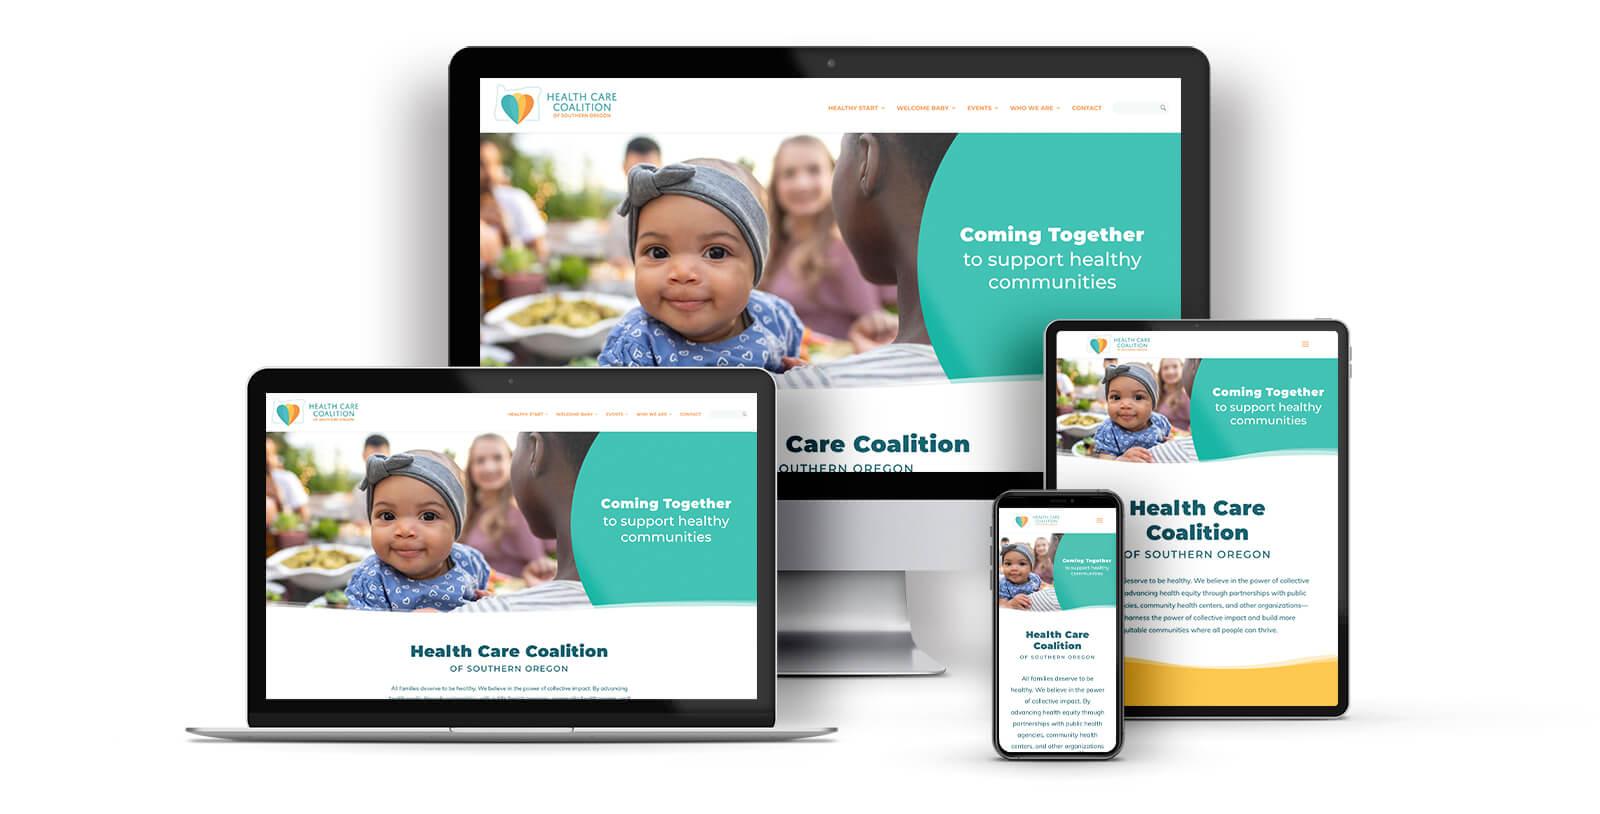 HCCSO Website Design